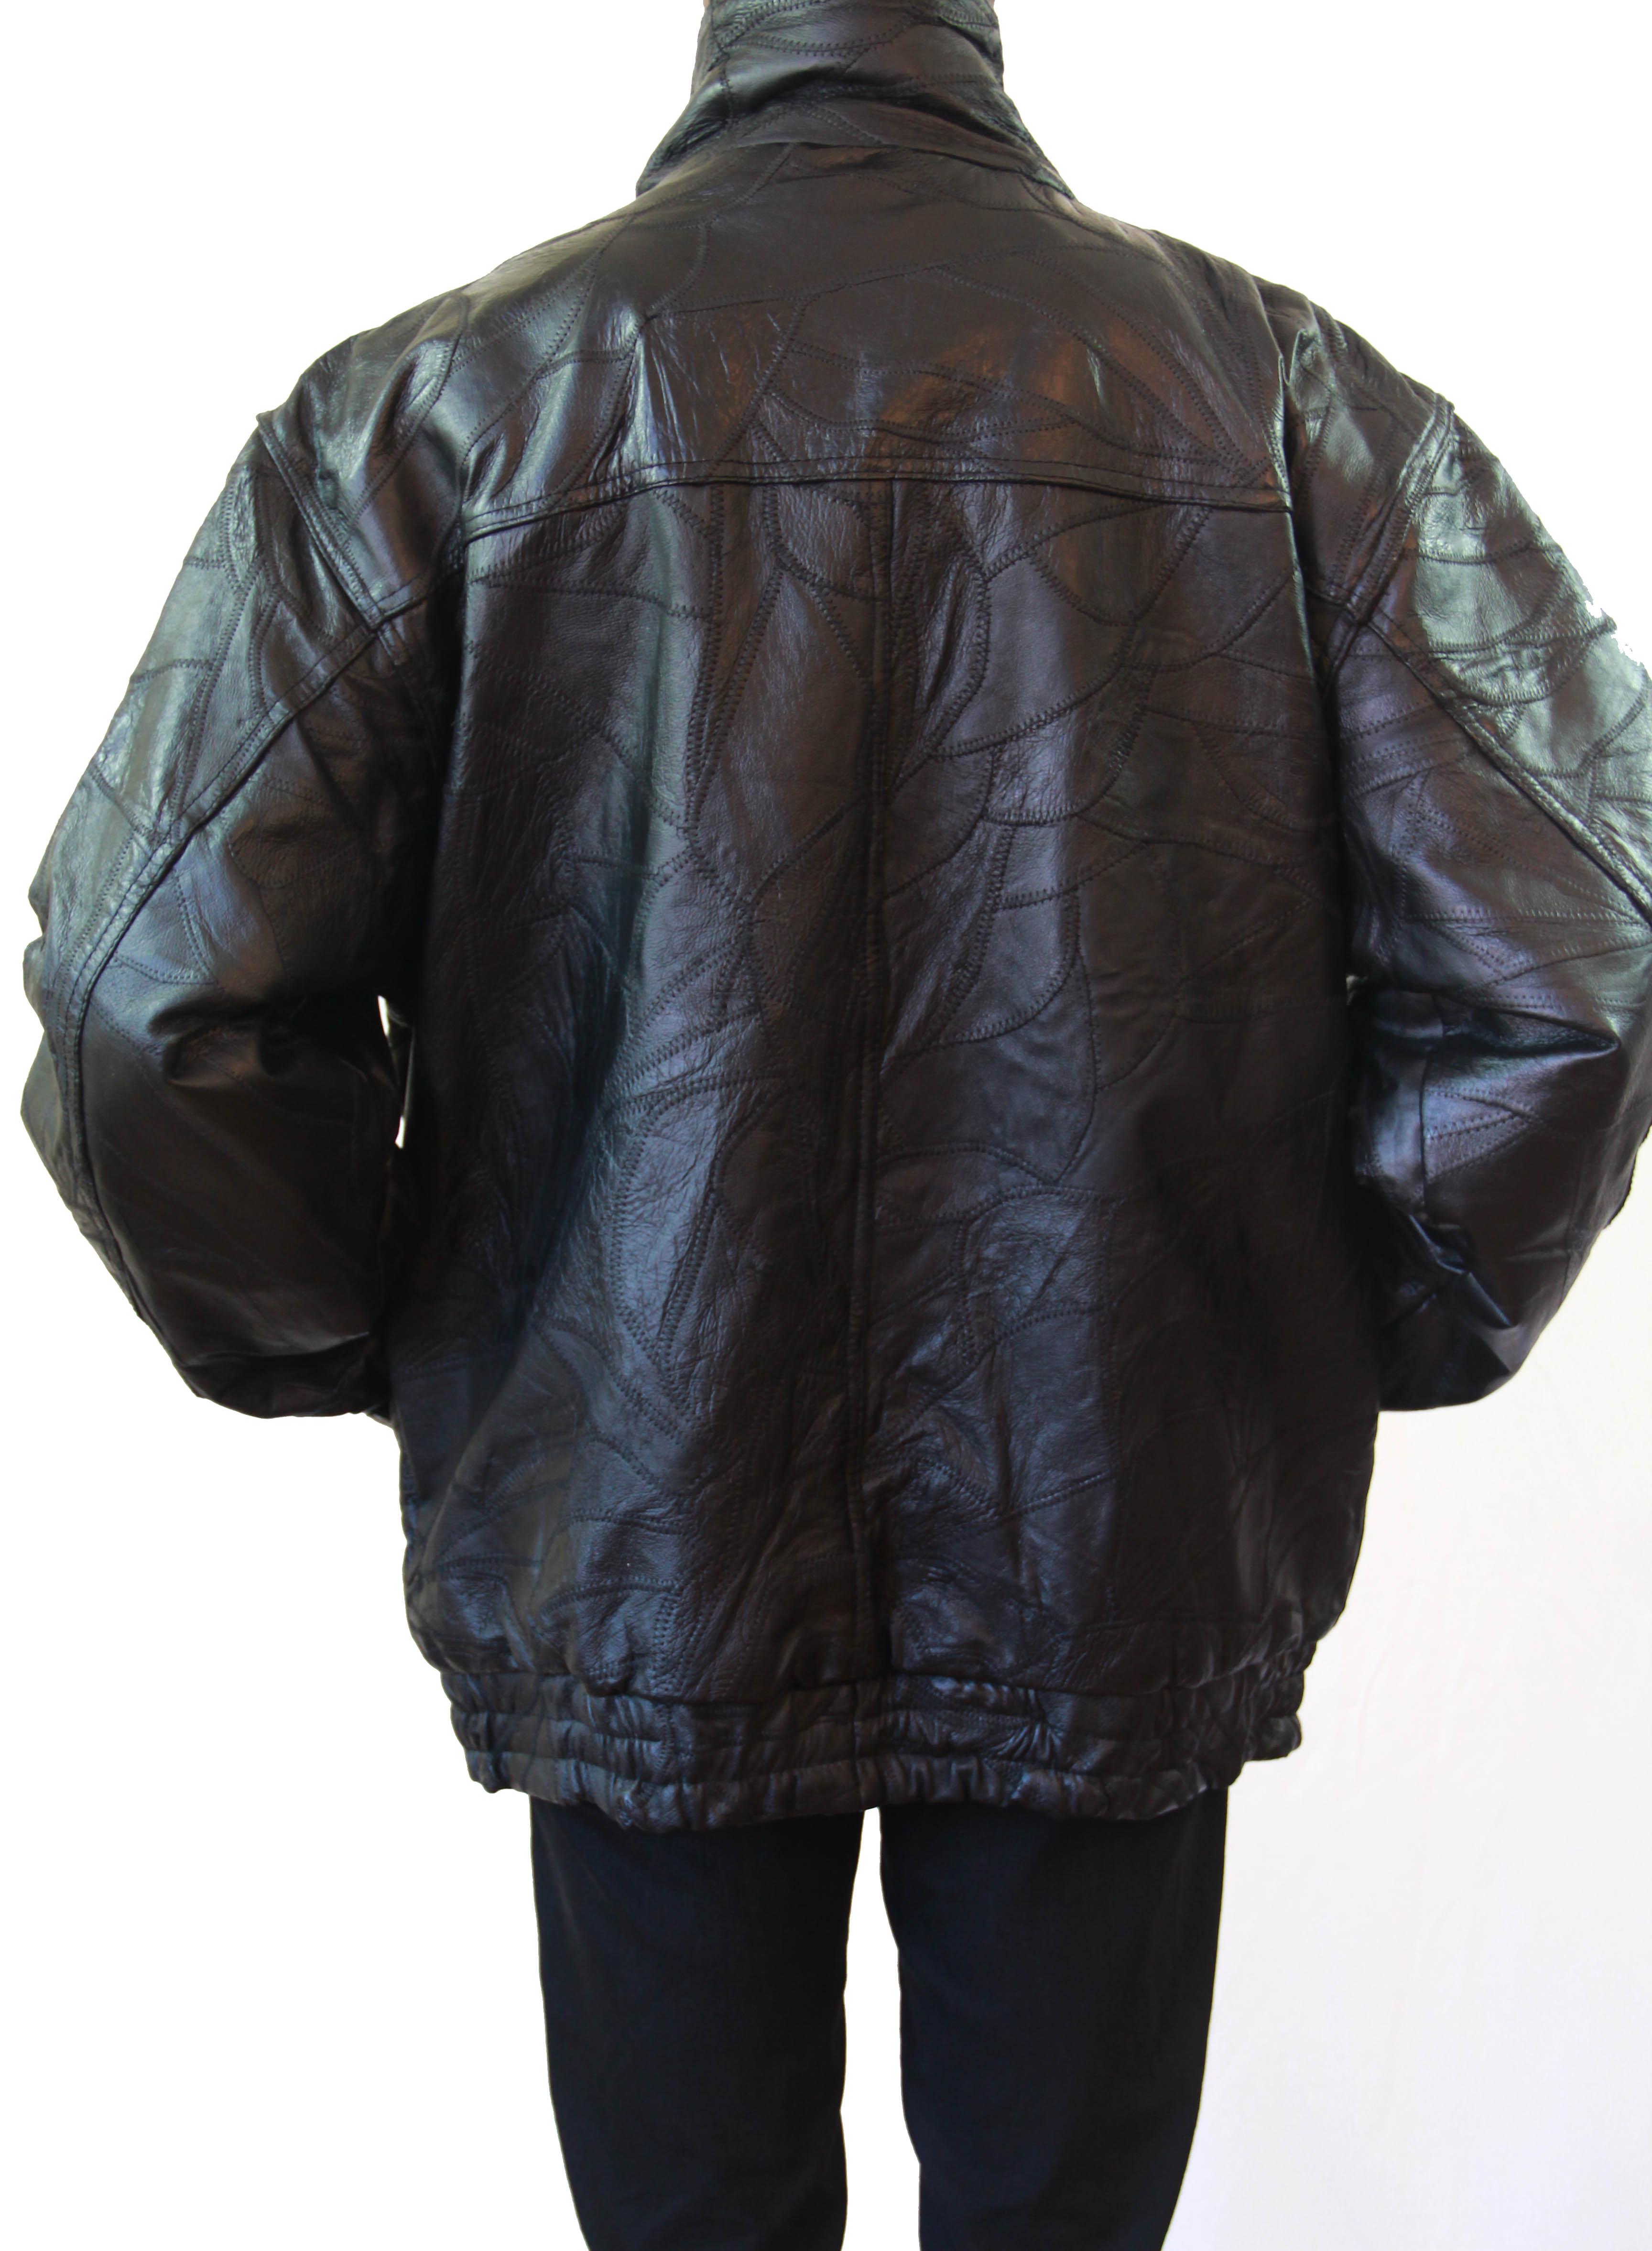 Leather jacket xl size -  Baggy Leather Jacket Size Xl Thumbnail 2